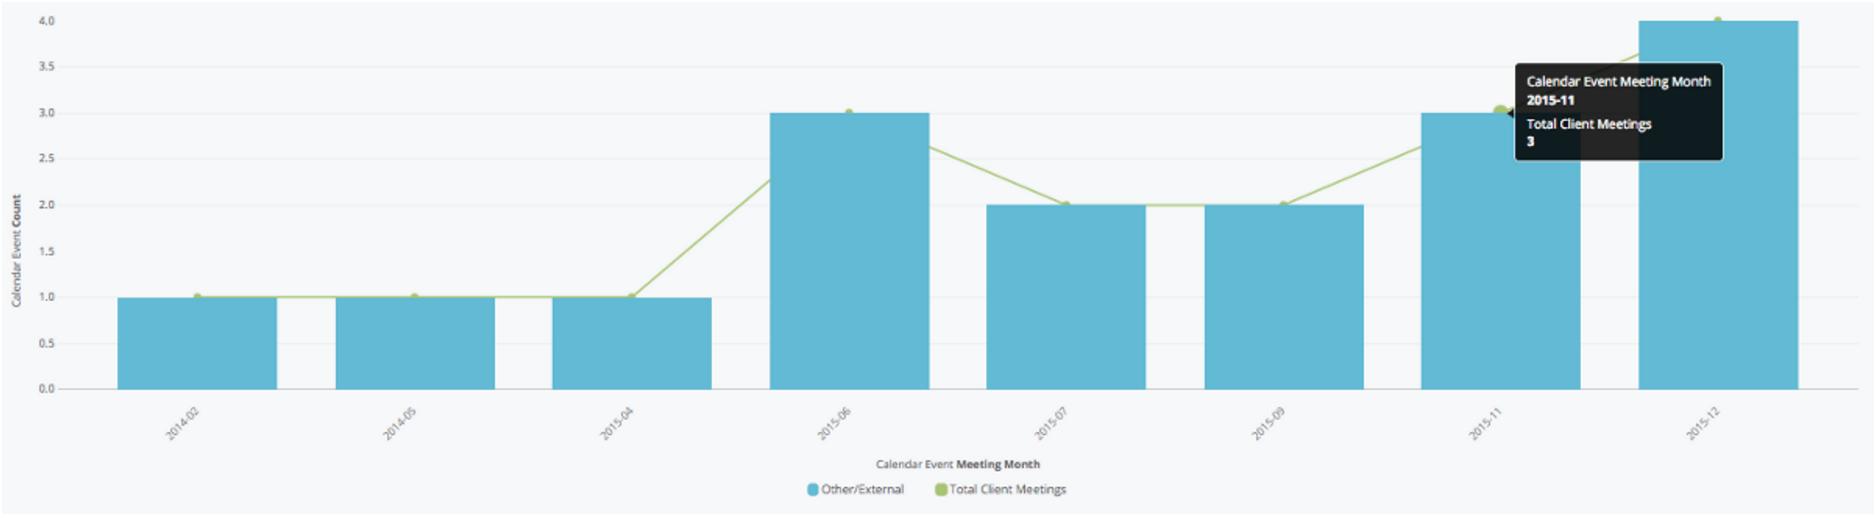 Meetings by Week from Google Calendar and Salesforce